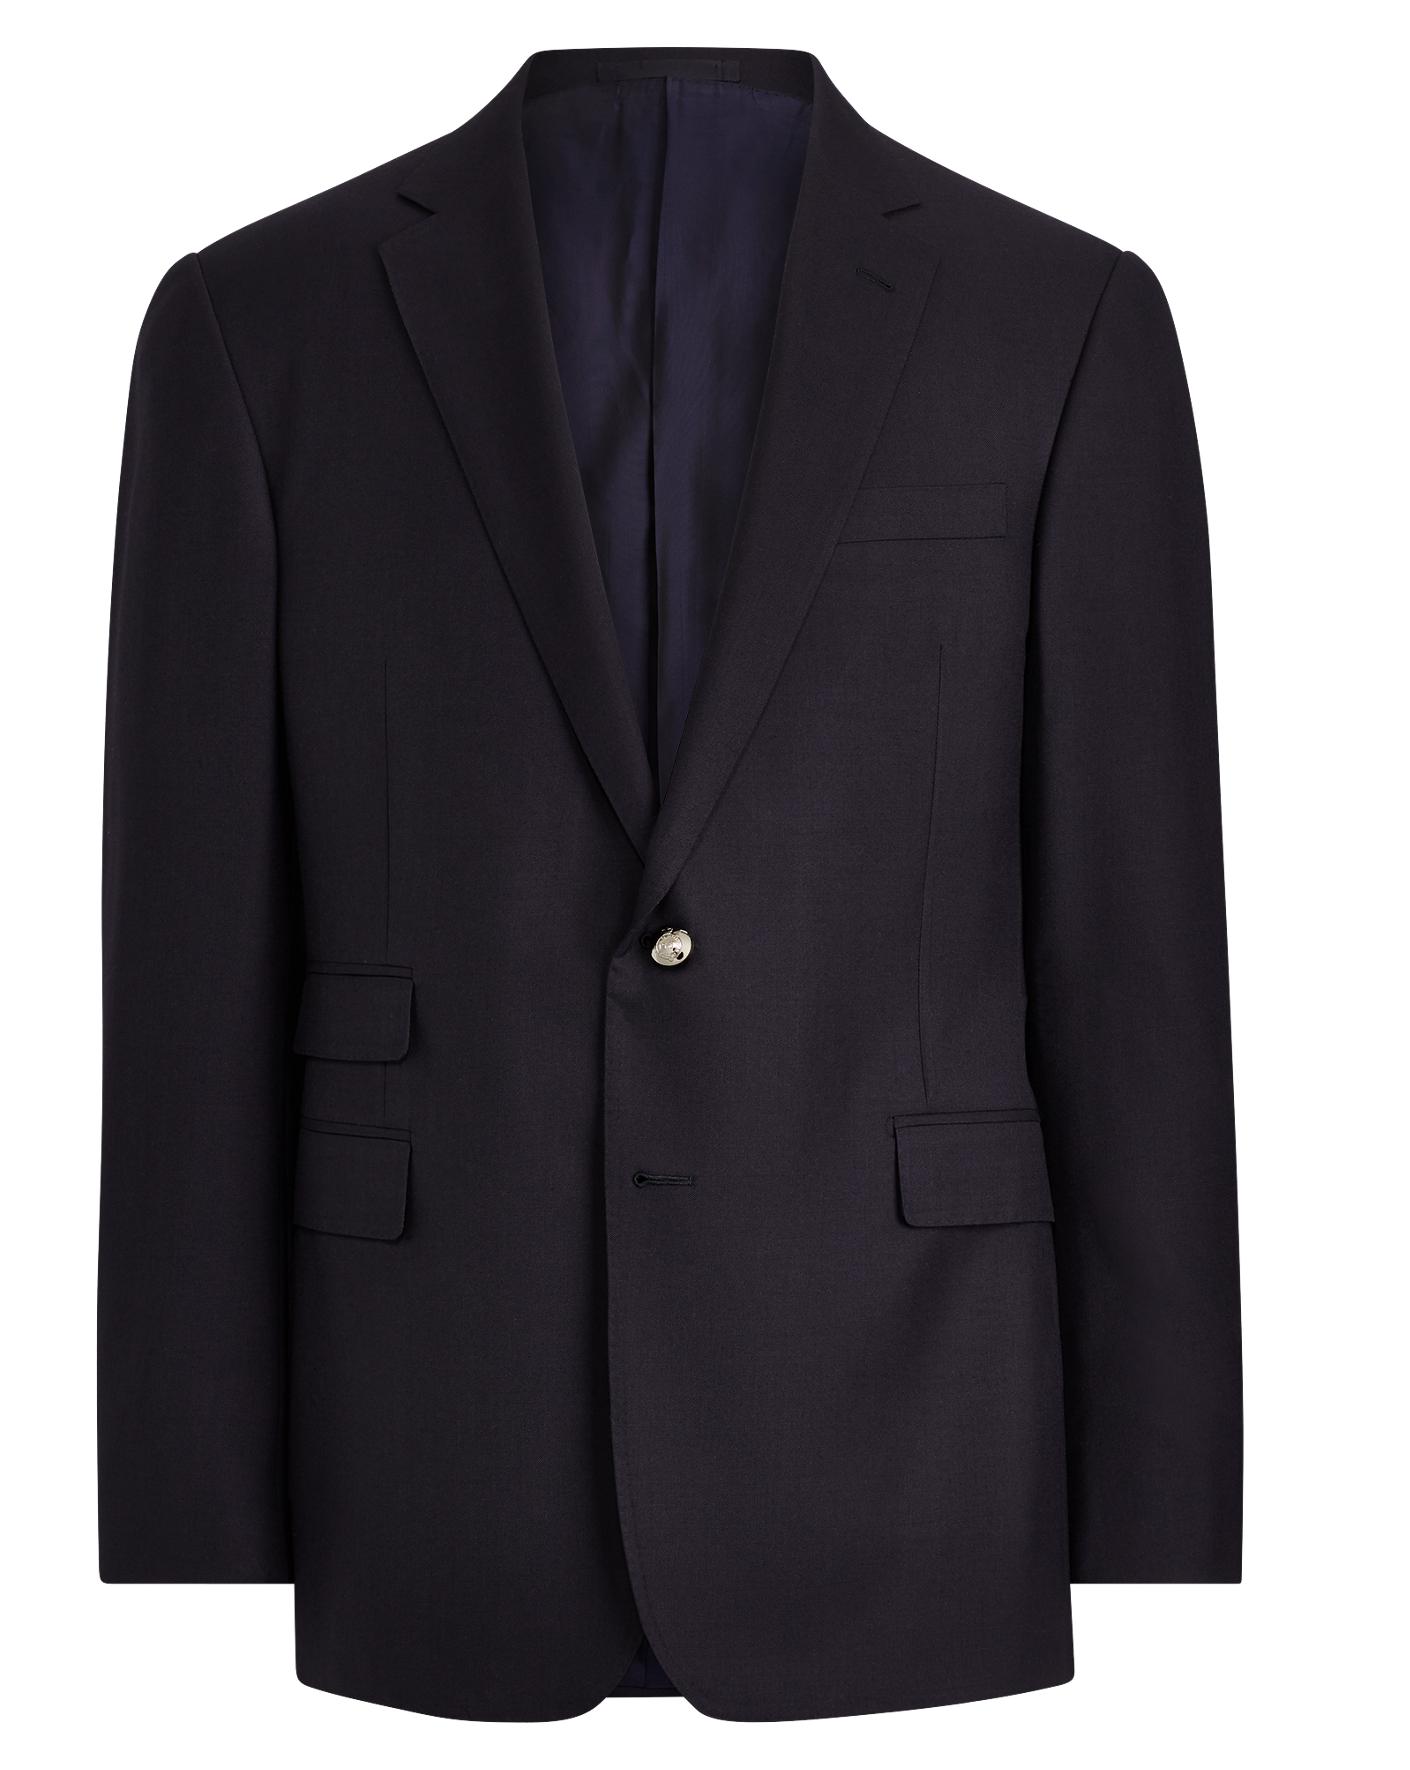 Men's Sports Coats, Jackets, Suits, & Blazers | Ralph Lauren